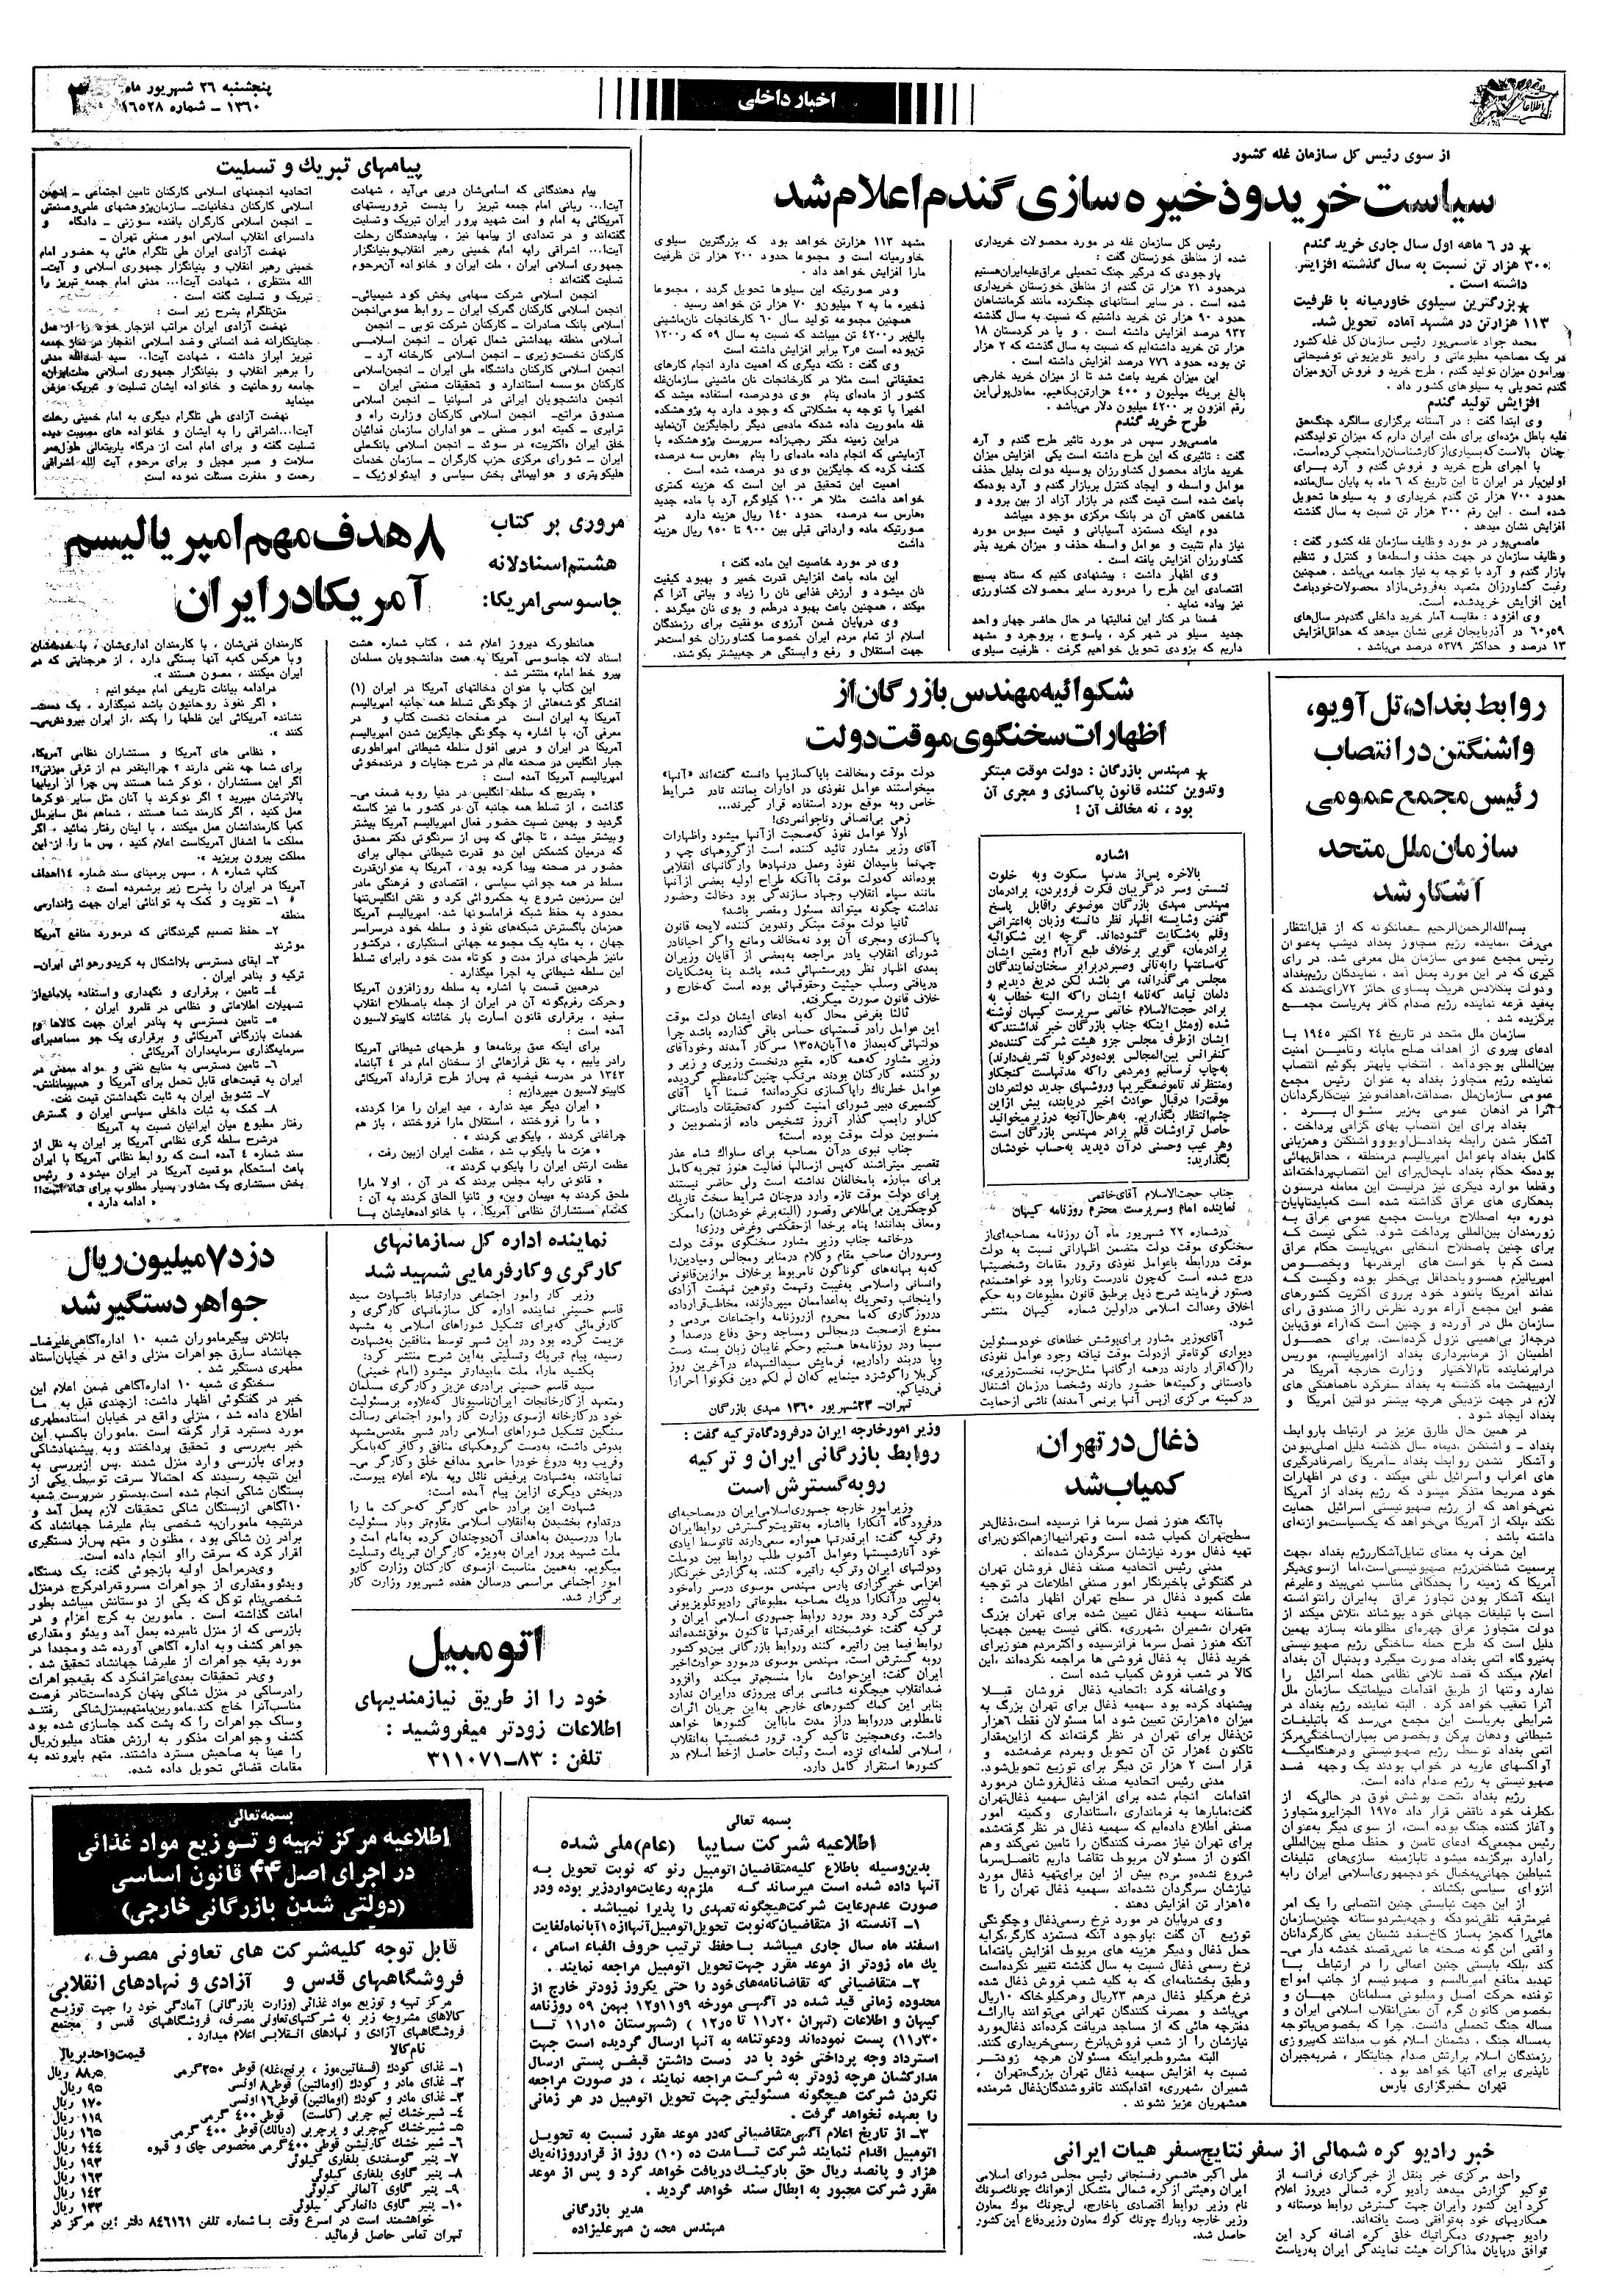 صفحه 3 اطلاعات 26 شهریور 60